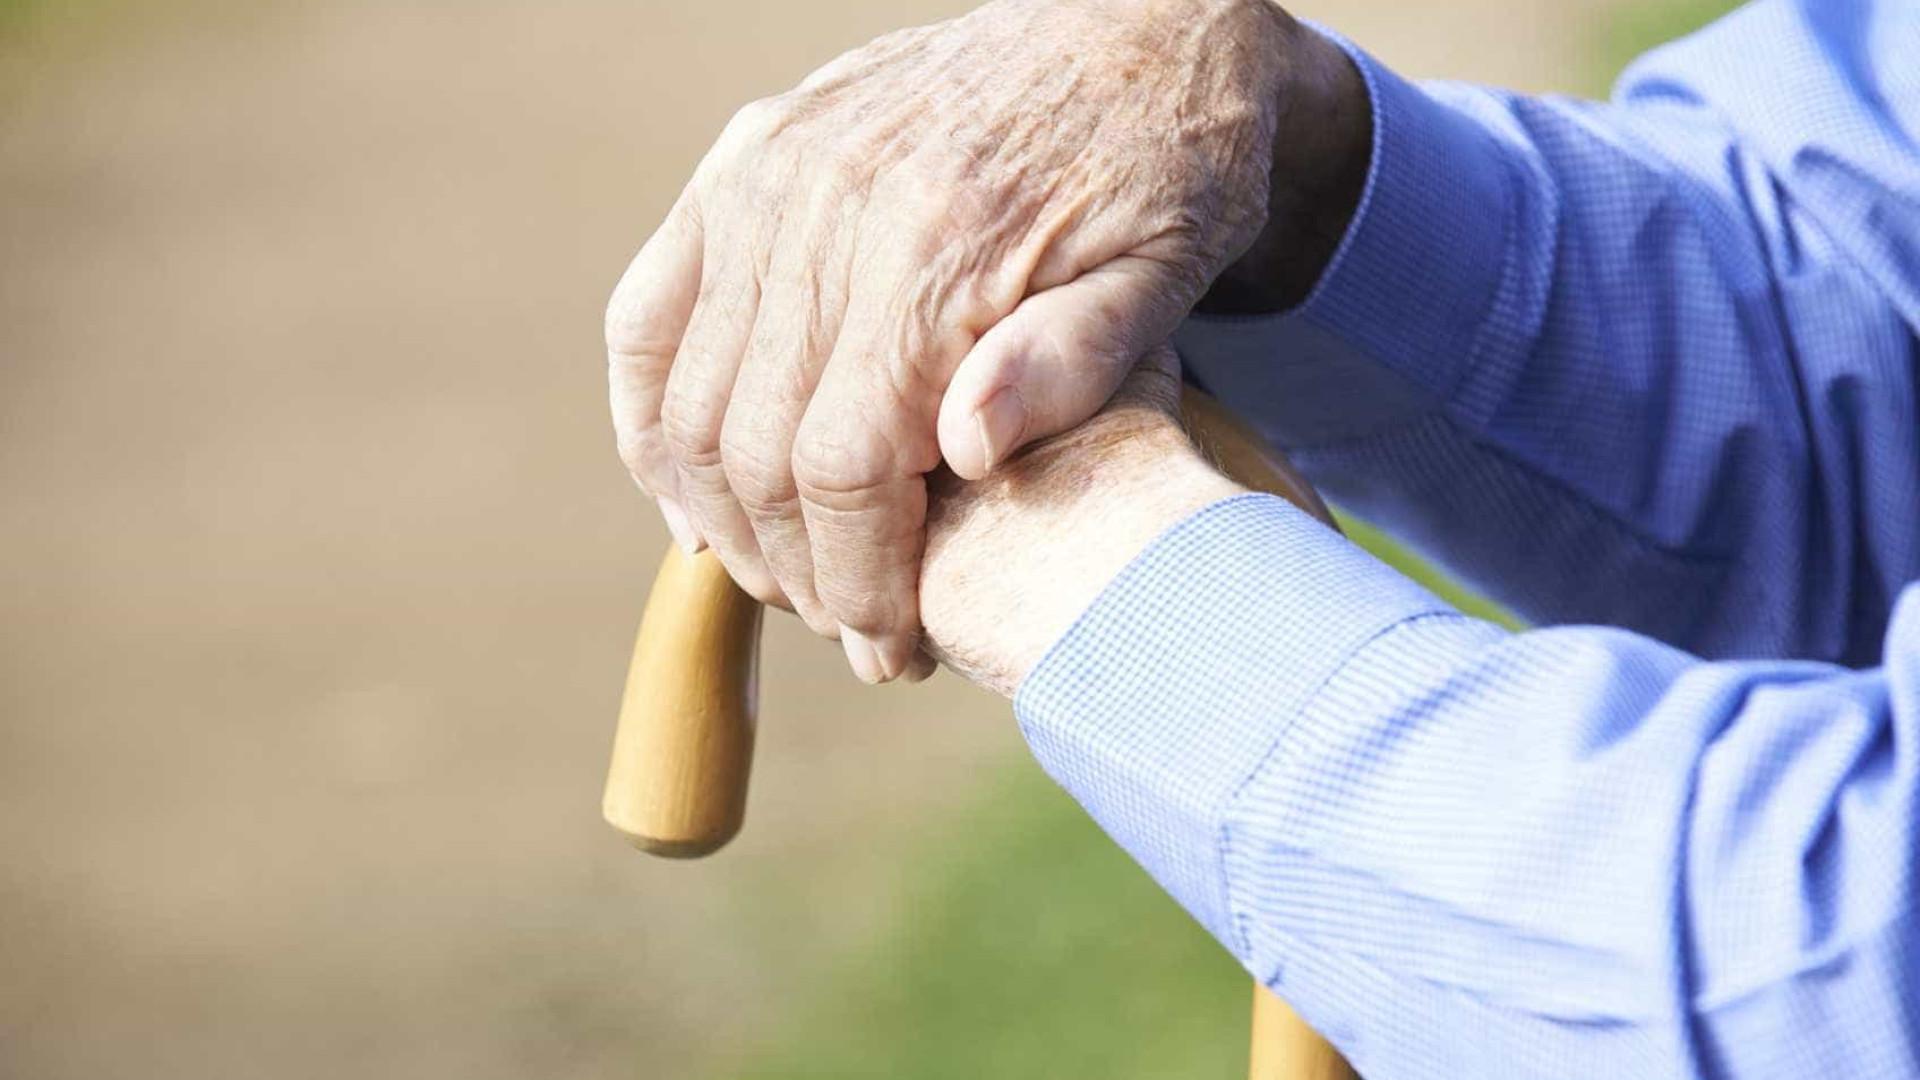 Estudo conclui que 13% dos idosos sofreu violência psicológica em 2017